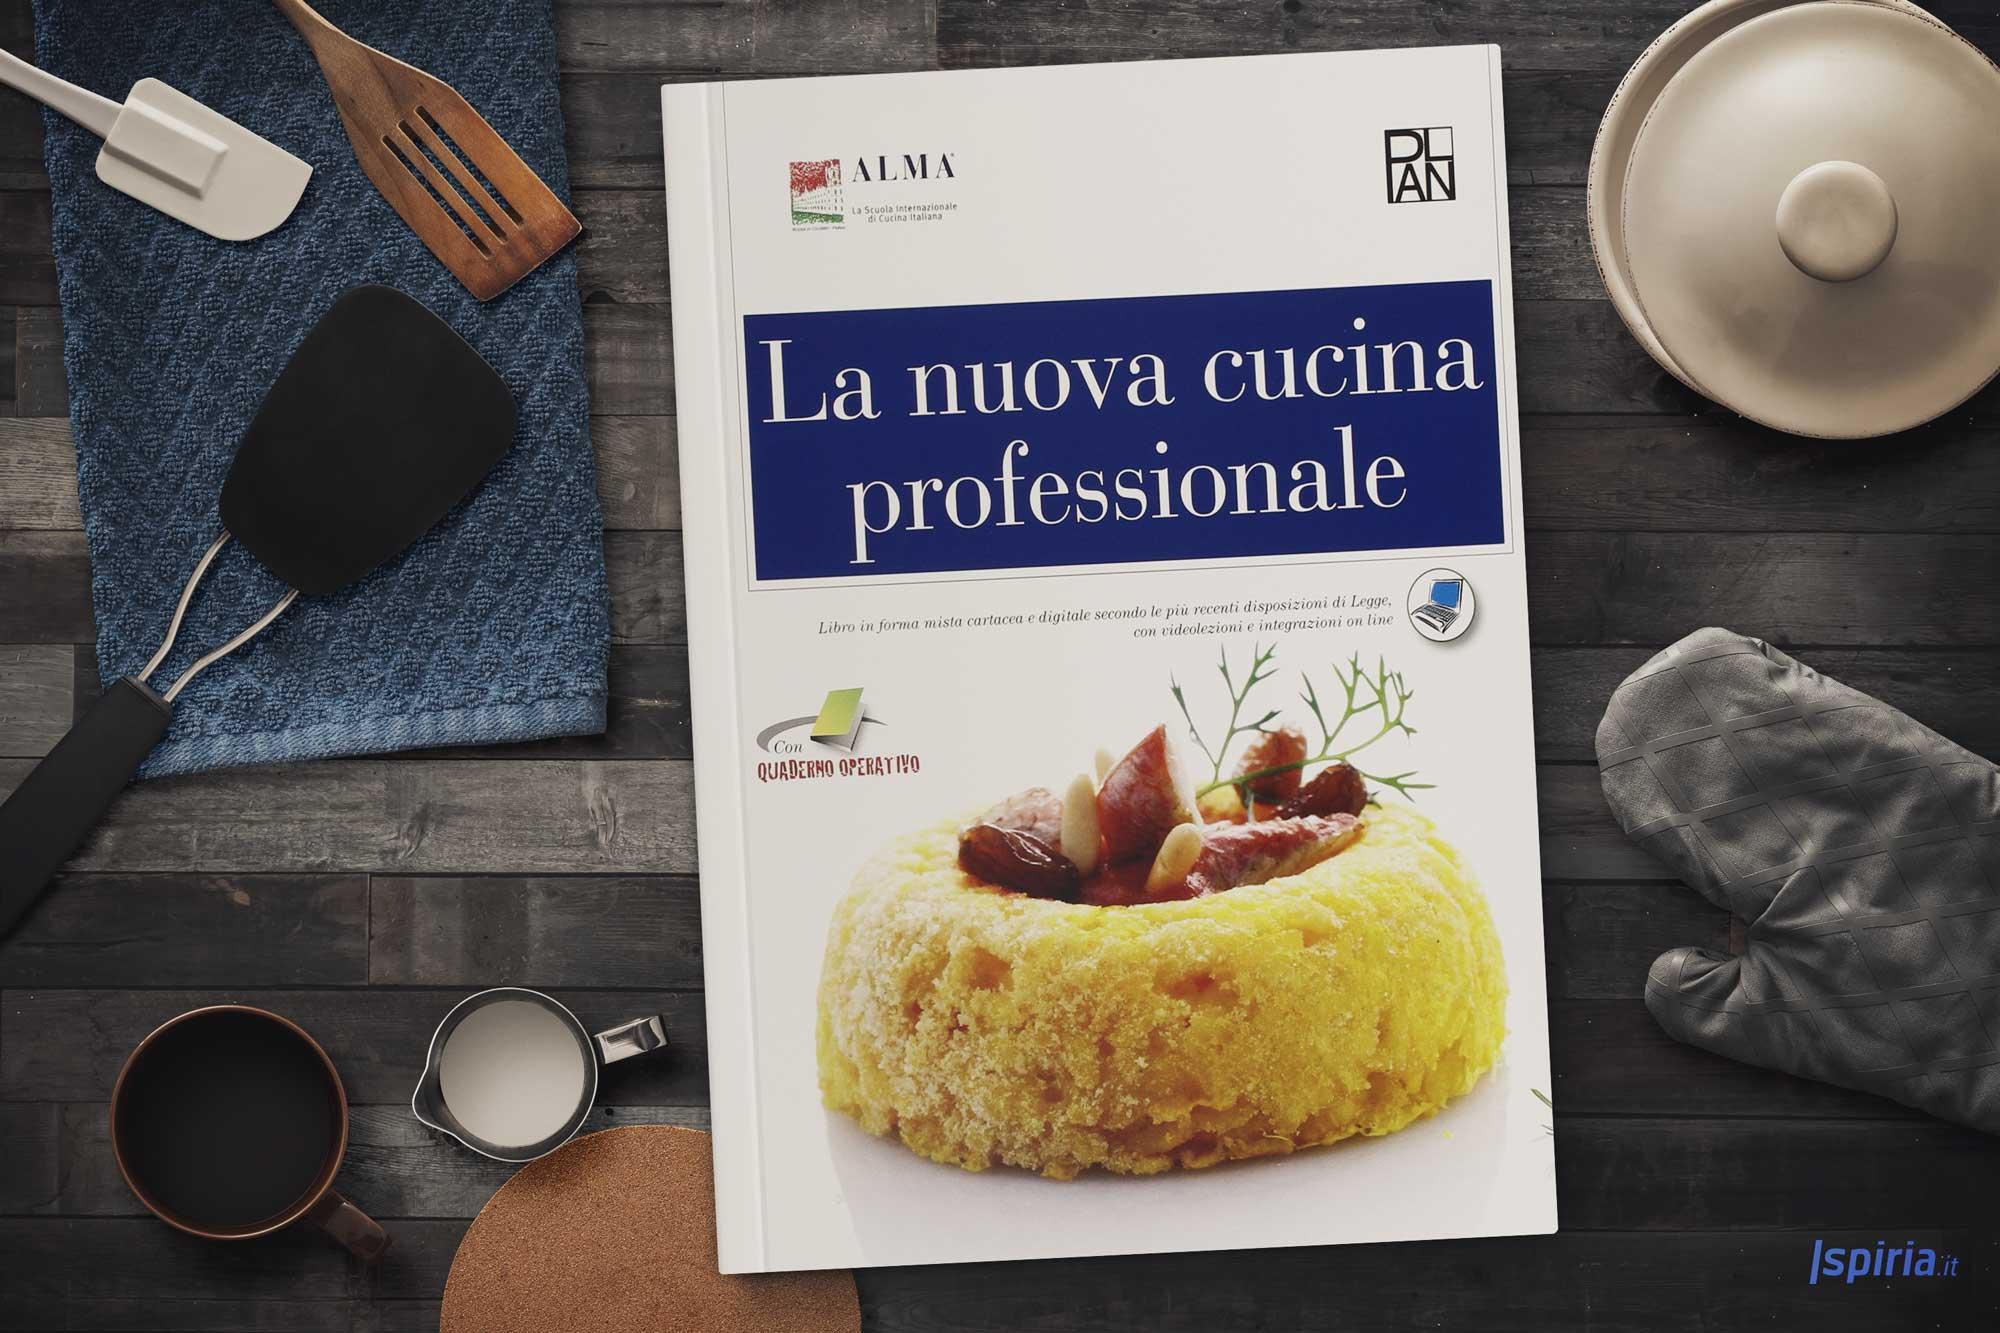 libro-di-cucina-professionale